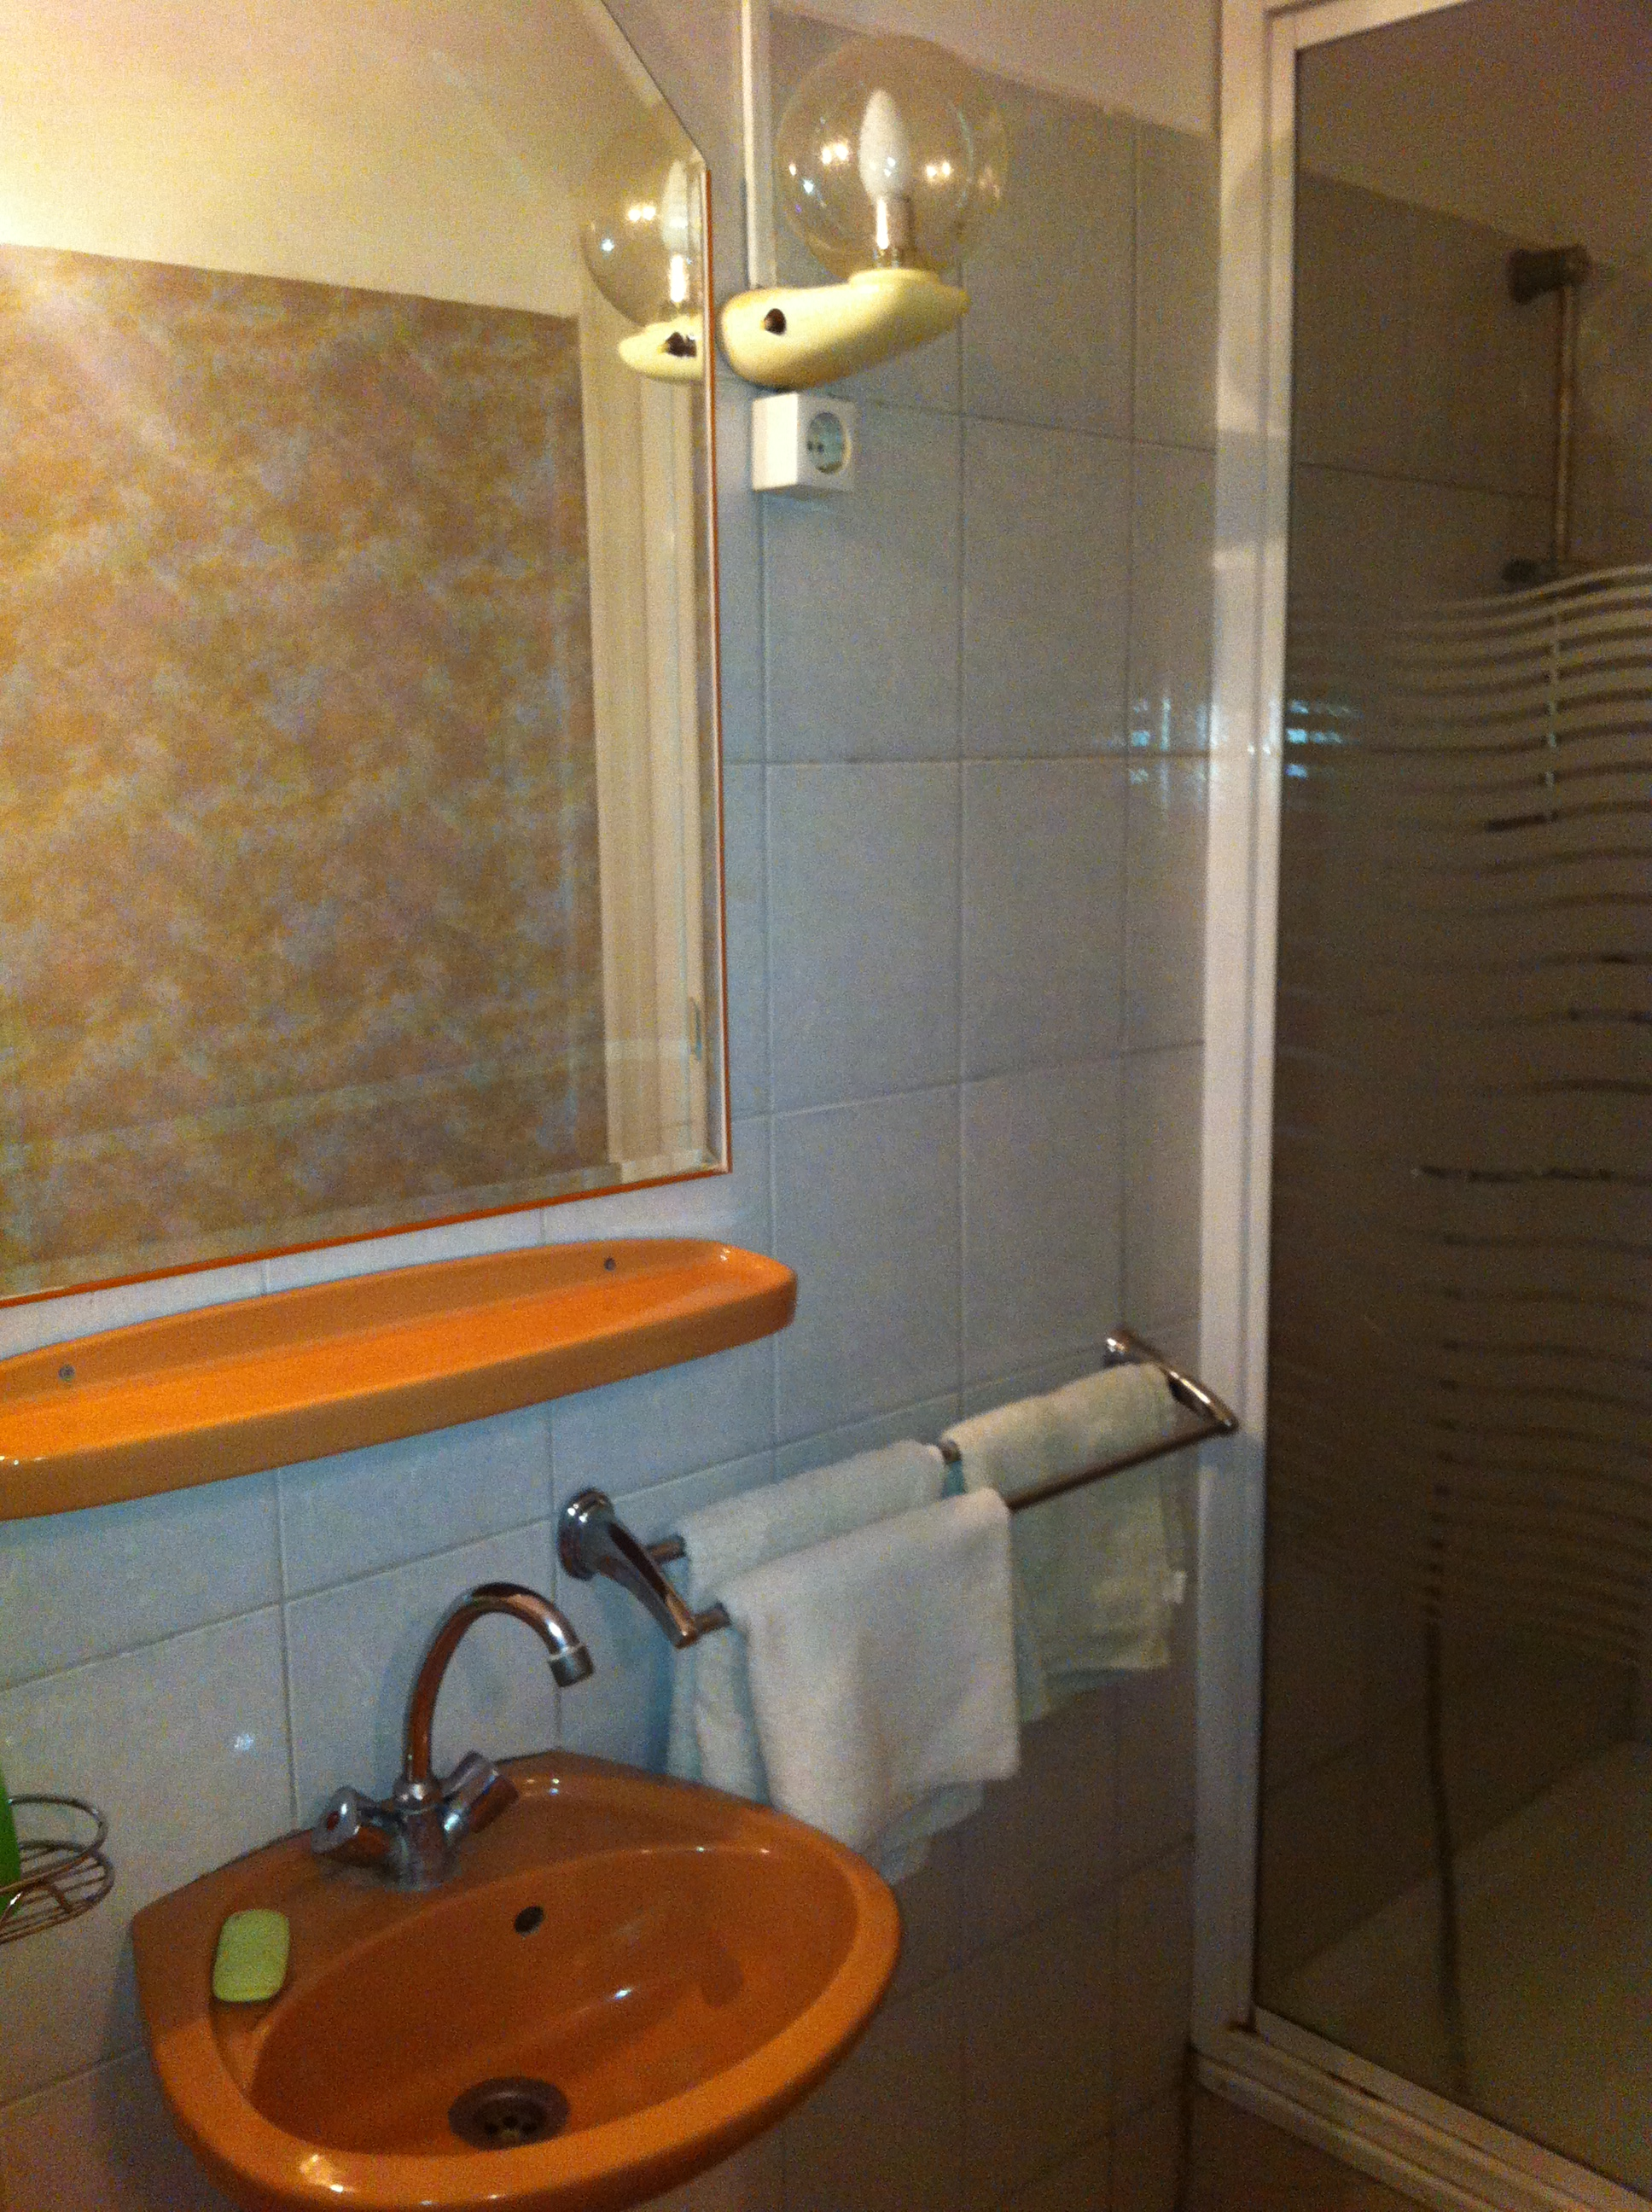 franciaágyas szoba: fürdőszoba